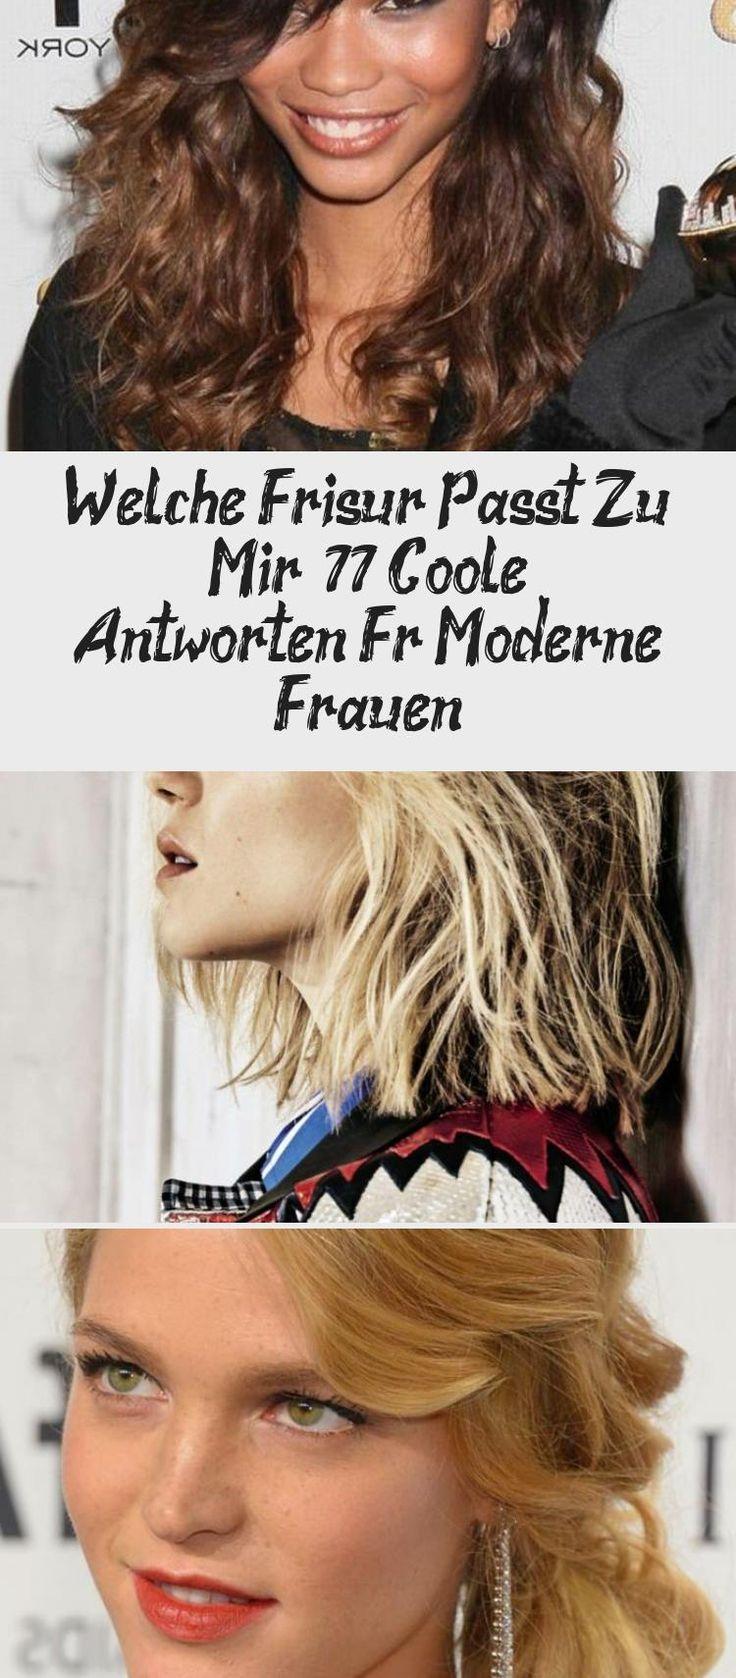 Welche Frisur Passt Zu Mir 77 Coole Antworten Fur Moderne Frauen Prominente Prominente Moderne Frauen Prominente Frisuren